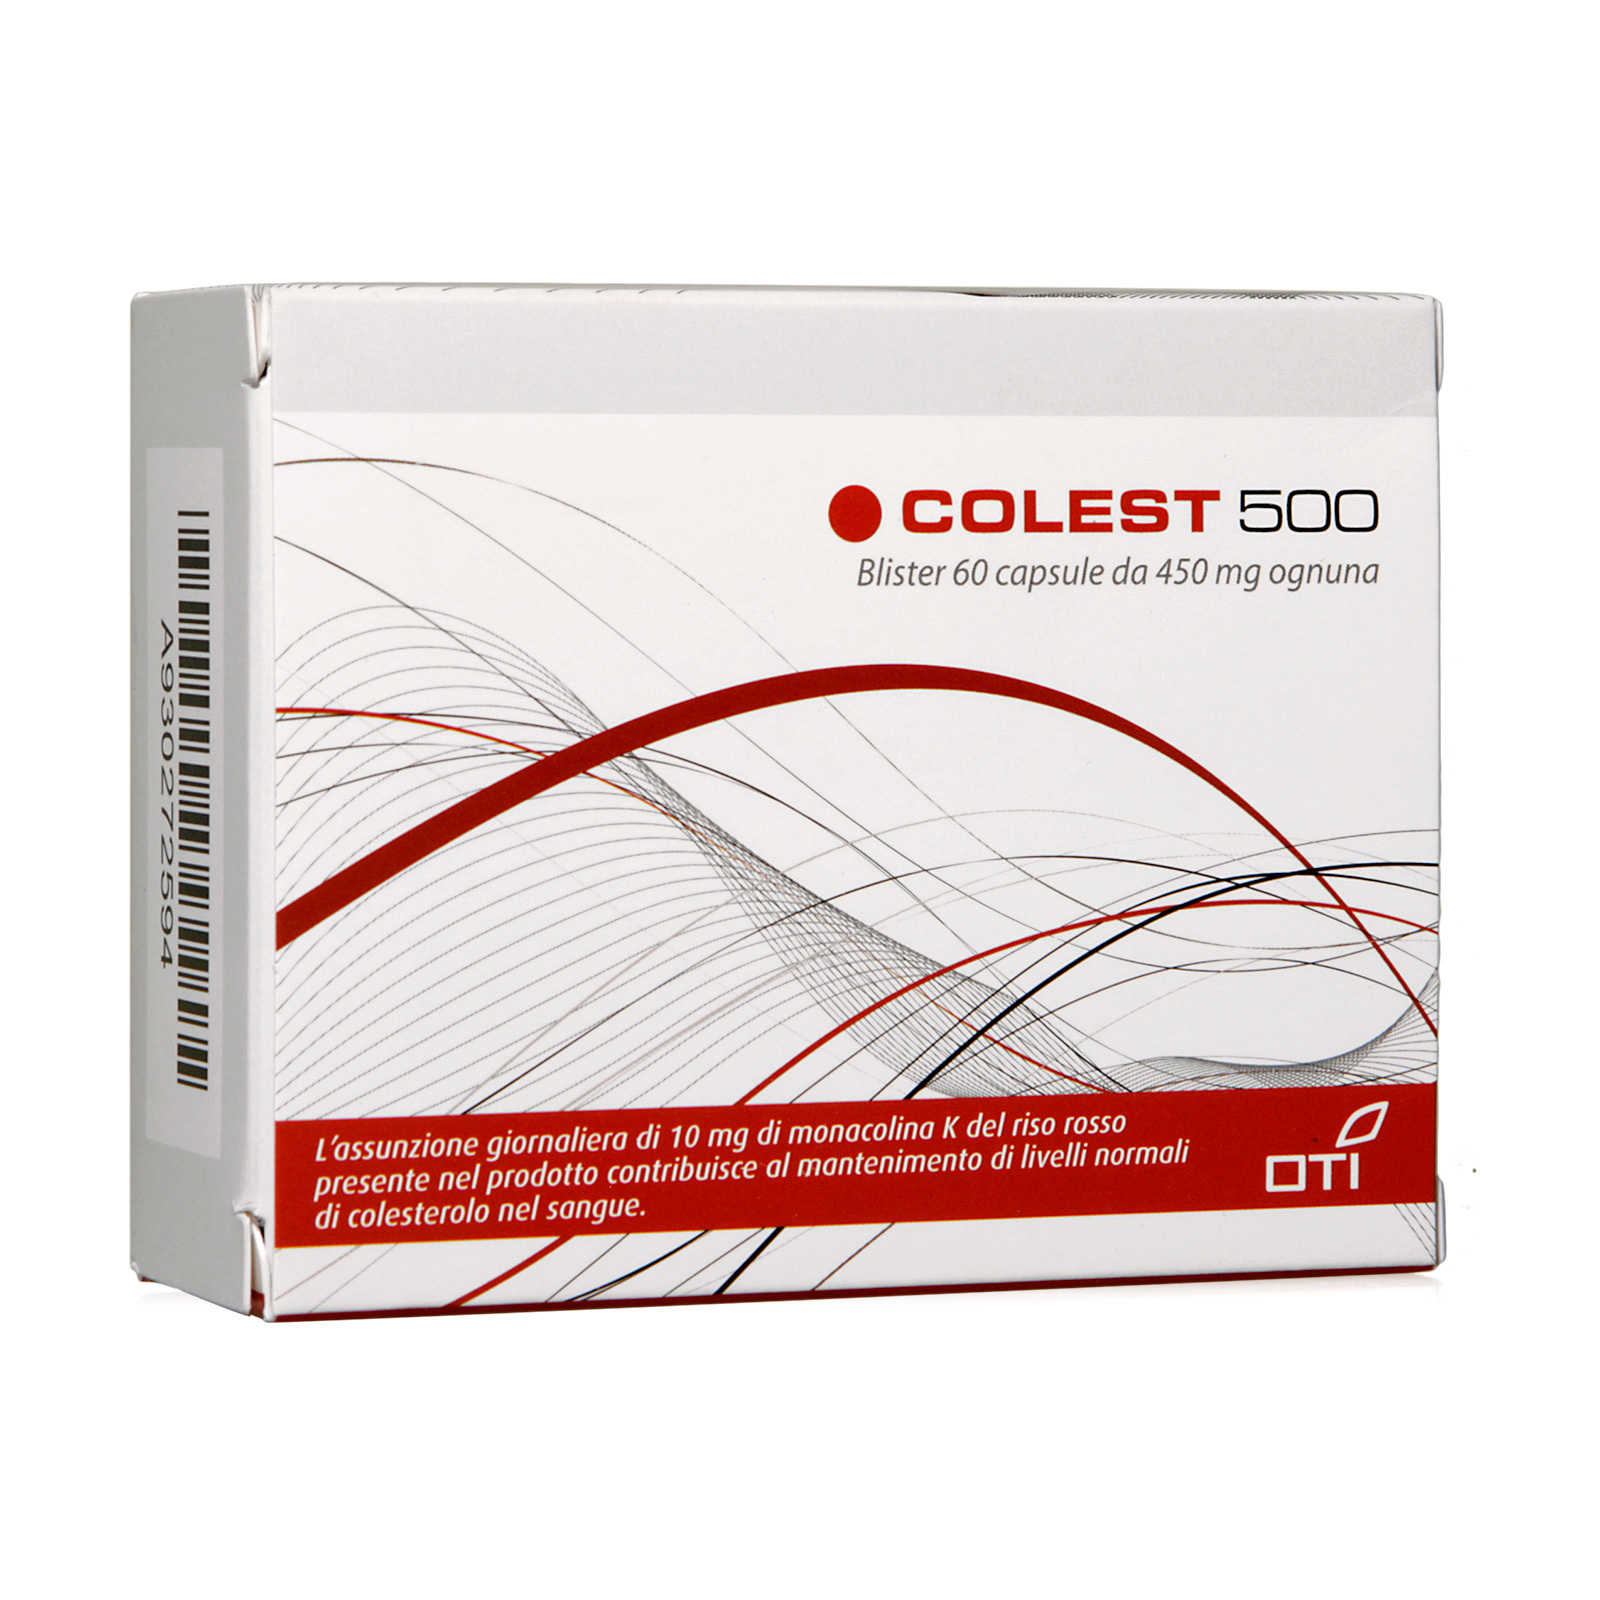 Oti - Colest 500